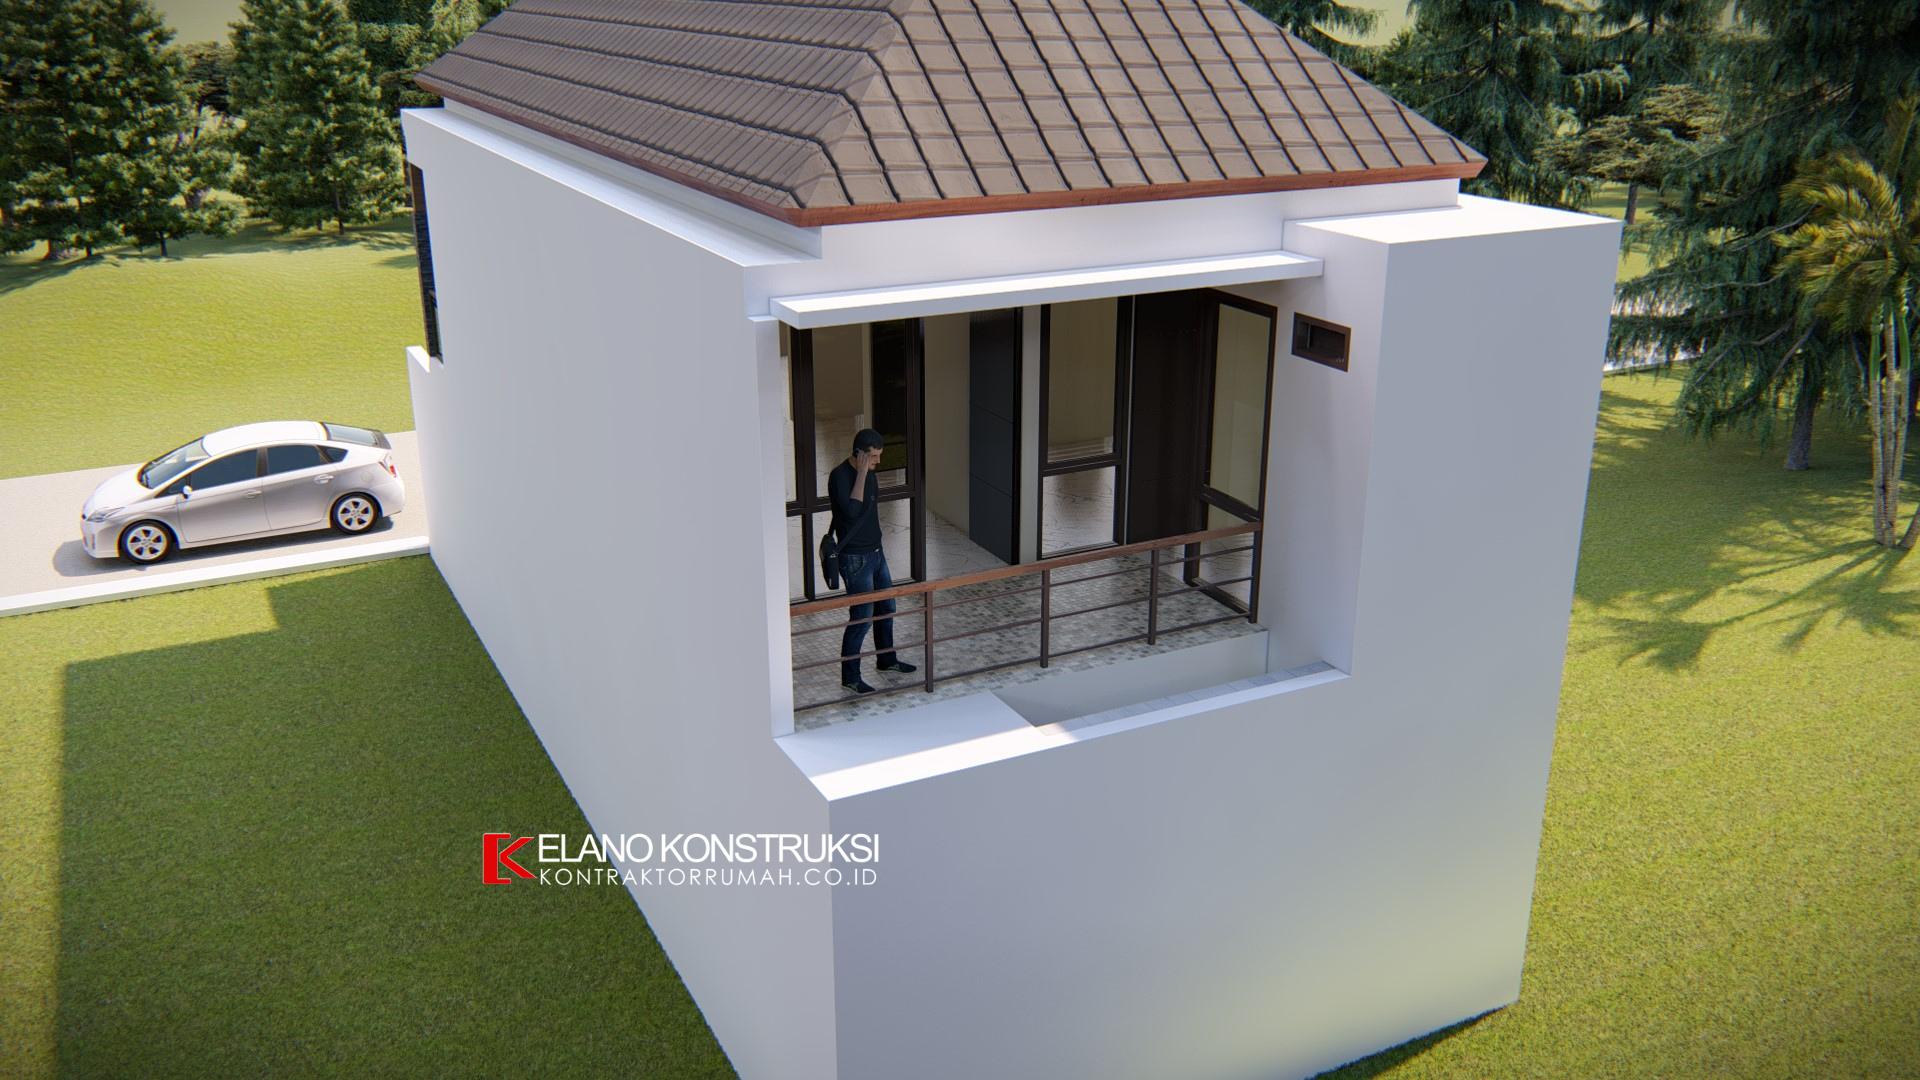 3 2 - Desain Rumah Minimalis Ibu Novi 140 M2 Tangerang